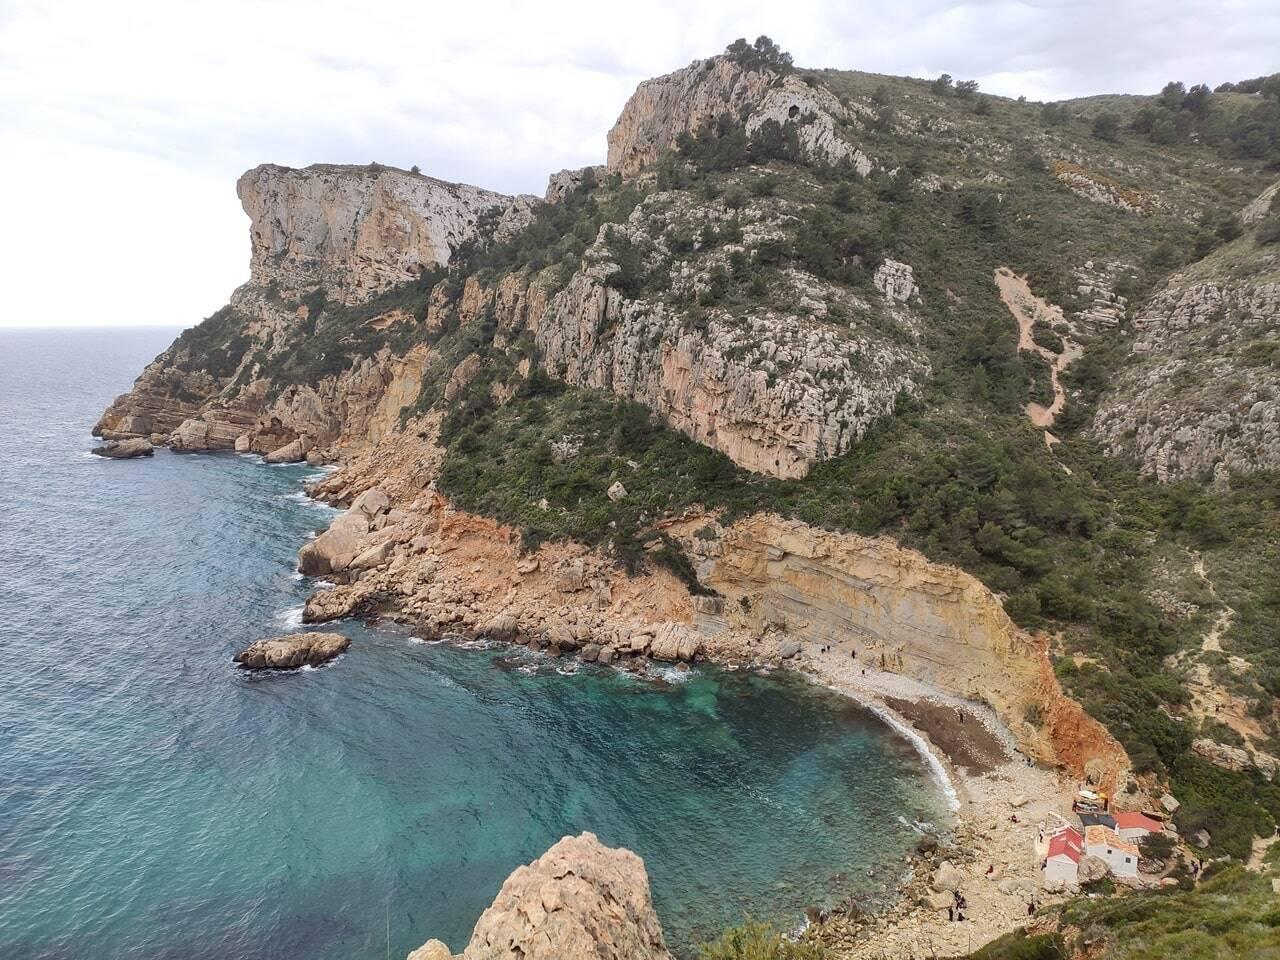 cala de llebeig ruta de los acantilados de Benitatxell